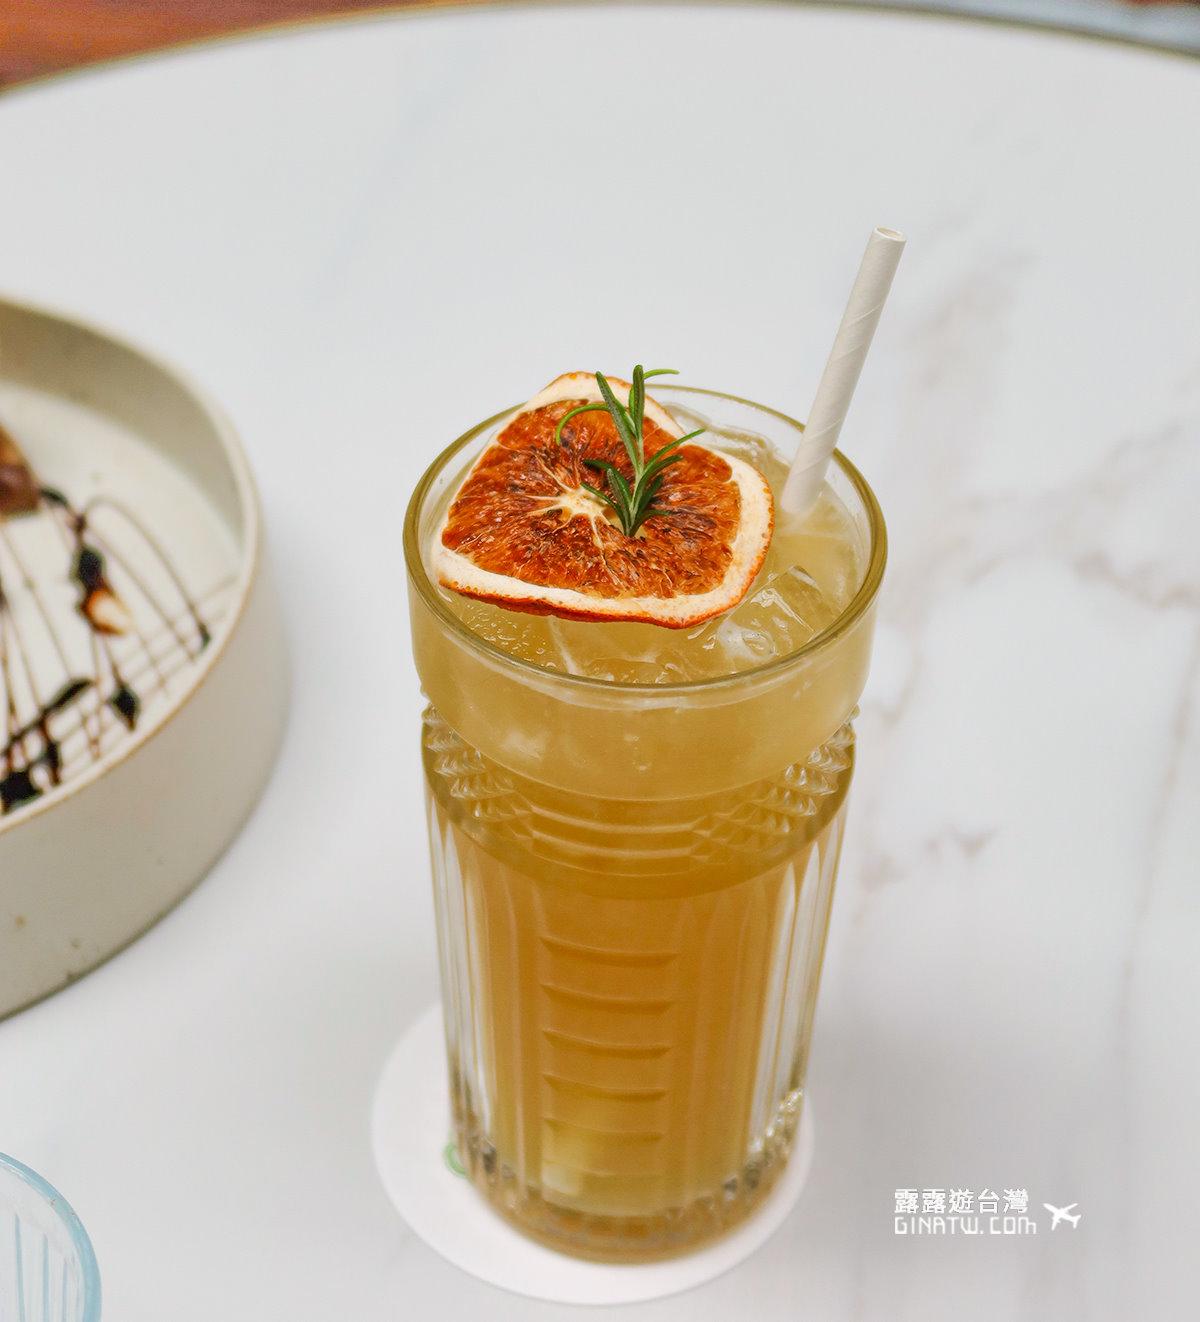 【極度浪漫 Super XOXO】大直ATT 4Recharge 餐廳|捷運劍南路站|最新菜單 @GINA環球旅行生活